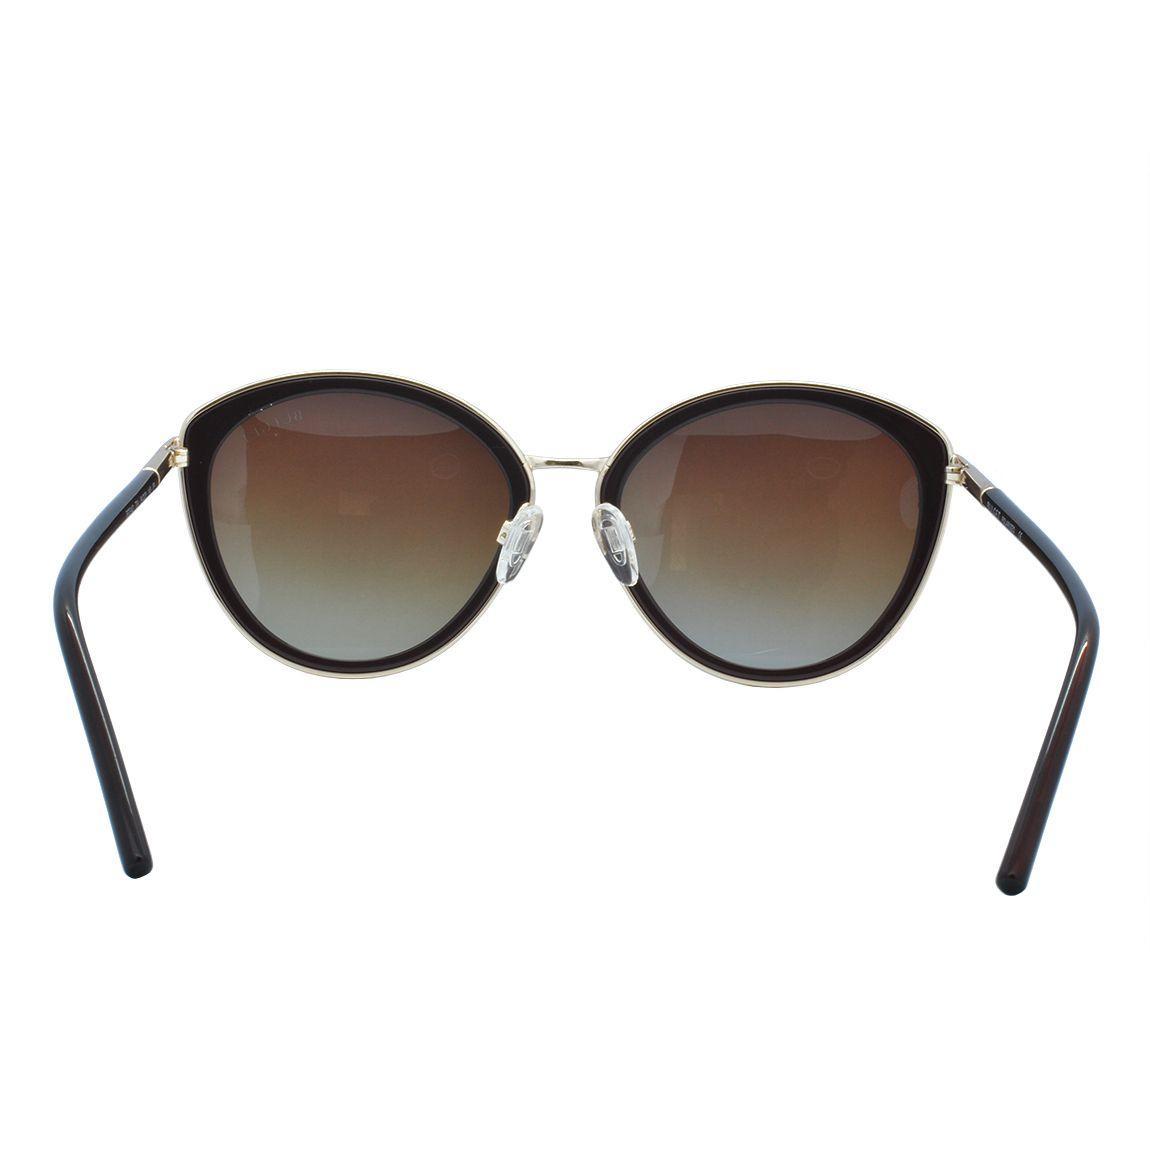 ae464404b3f5f Óculos de Sol Bulget Feminino Polarizada BG5142 T04 - Acetato Preto e Metal  Dourado R  268,00 à vista. Adicionar à sacola